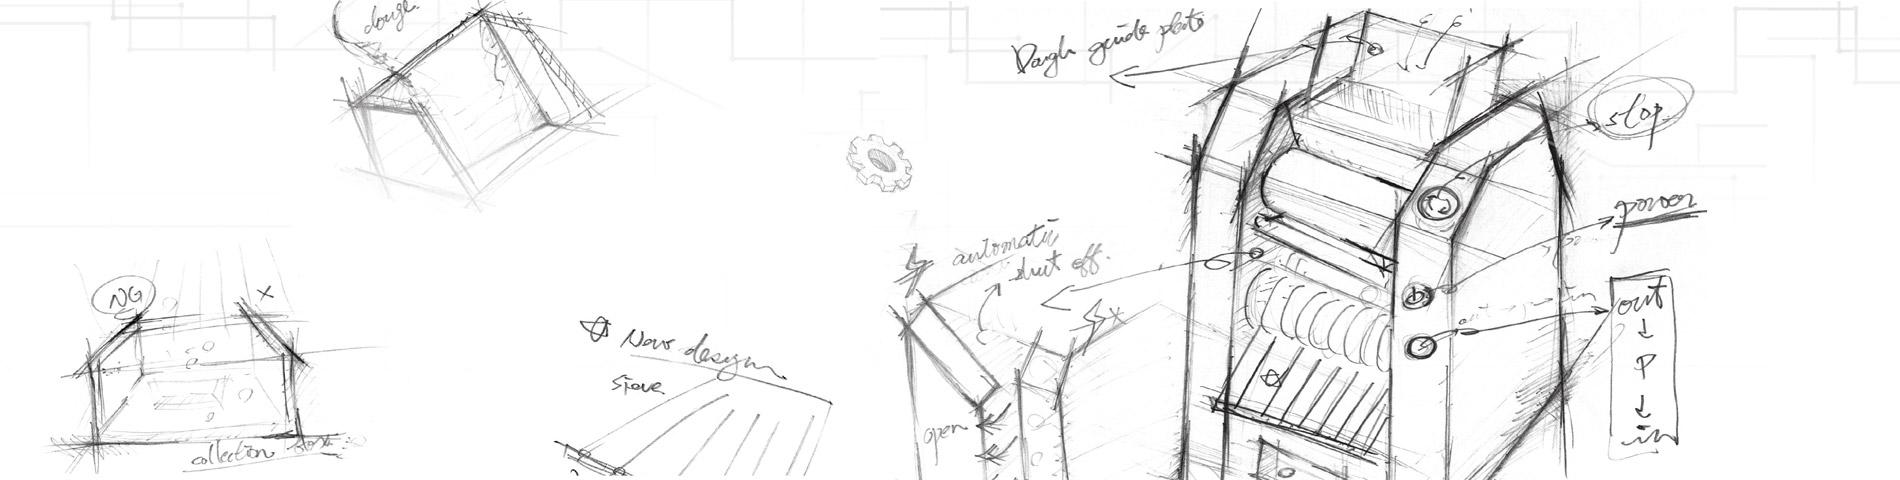 创新产品设计、研发制作  挑战ODM